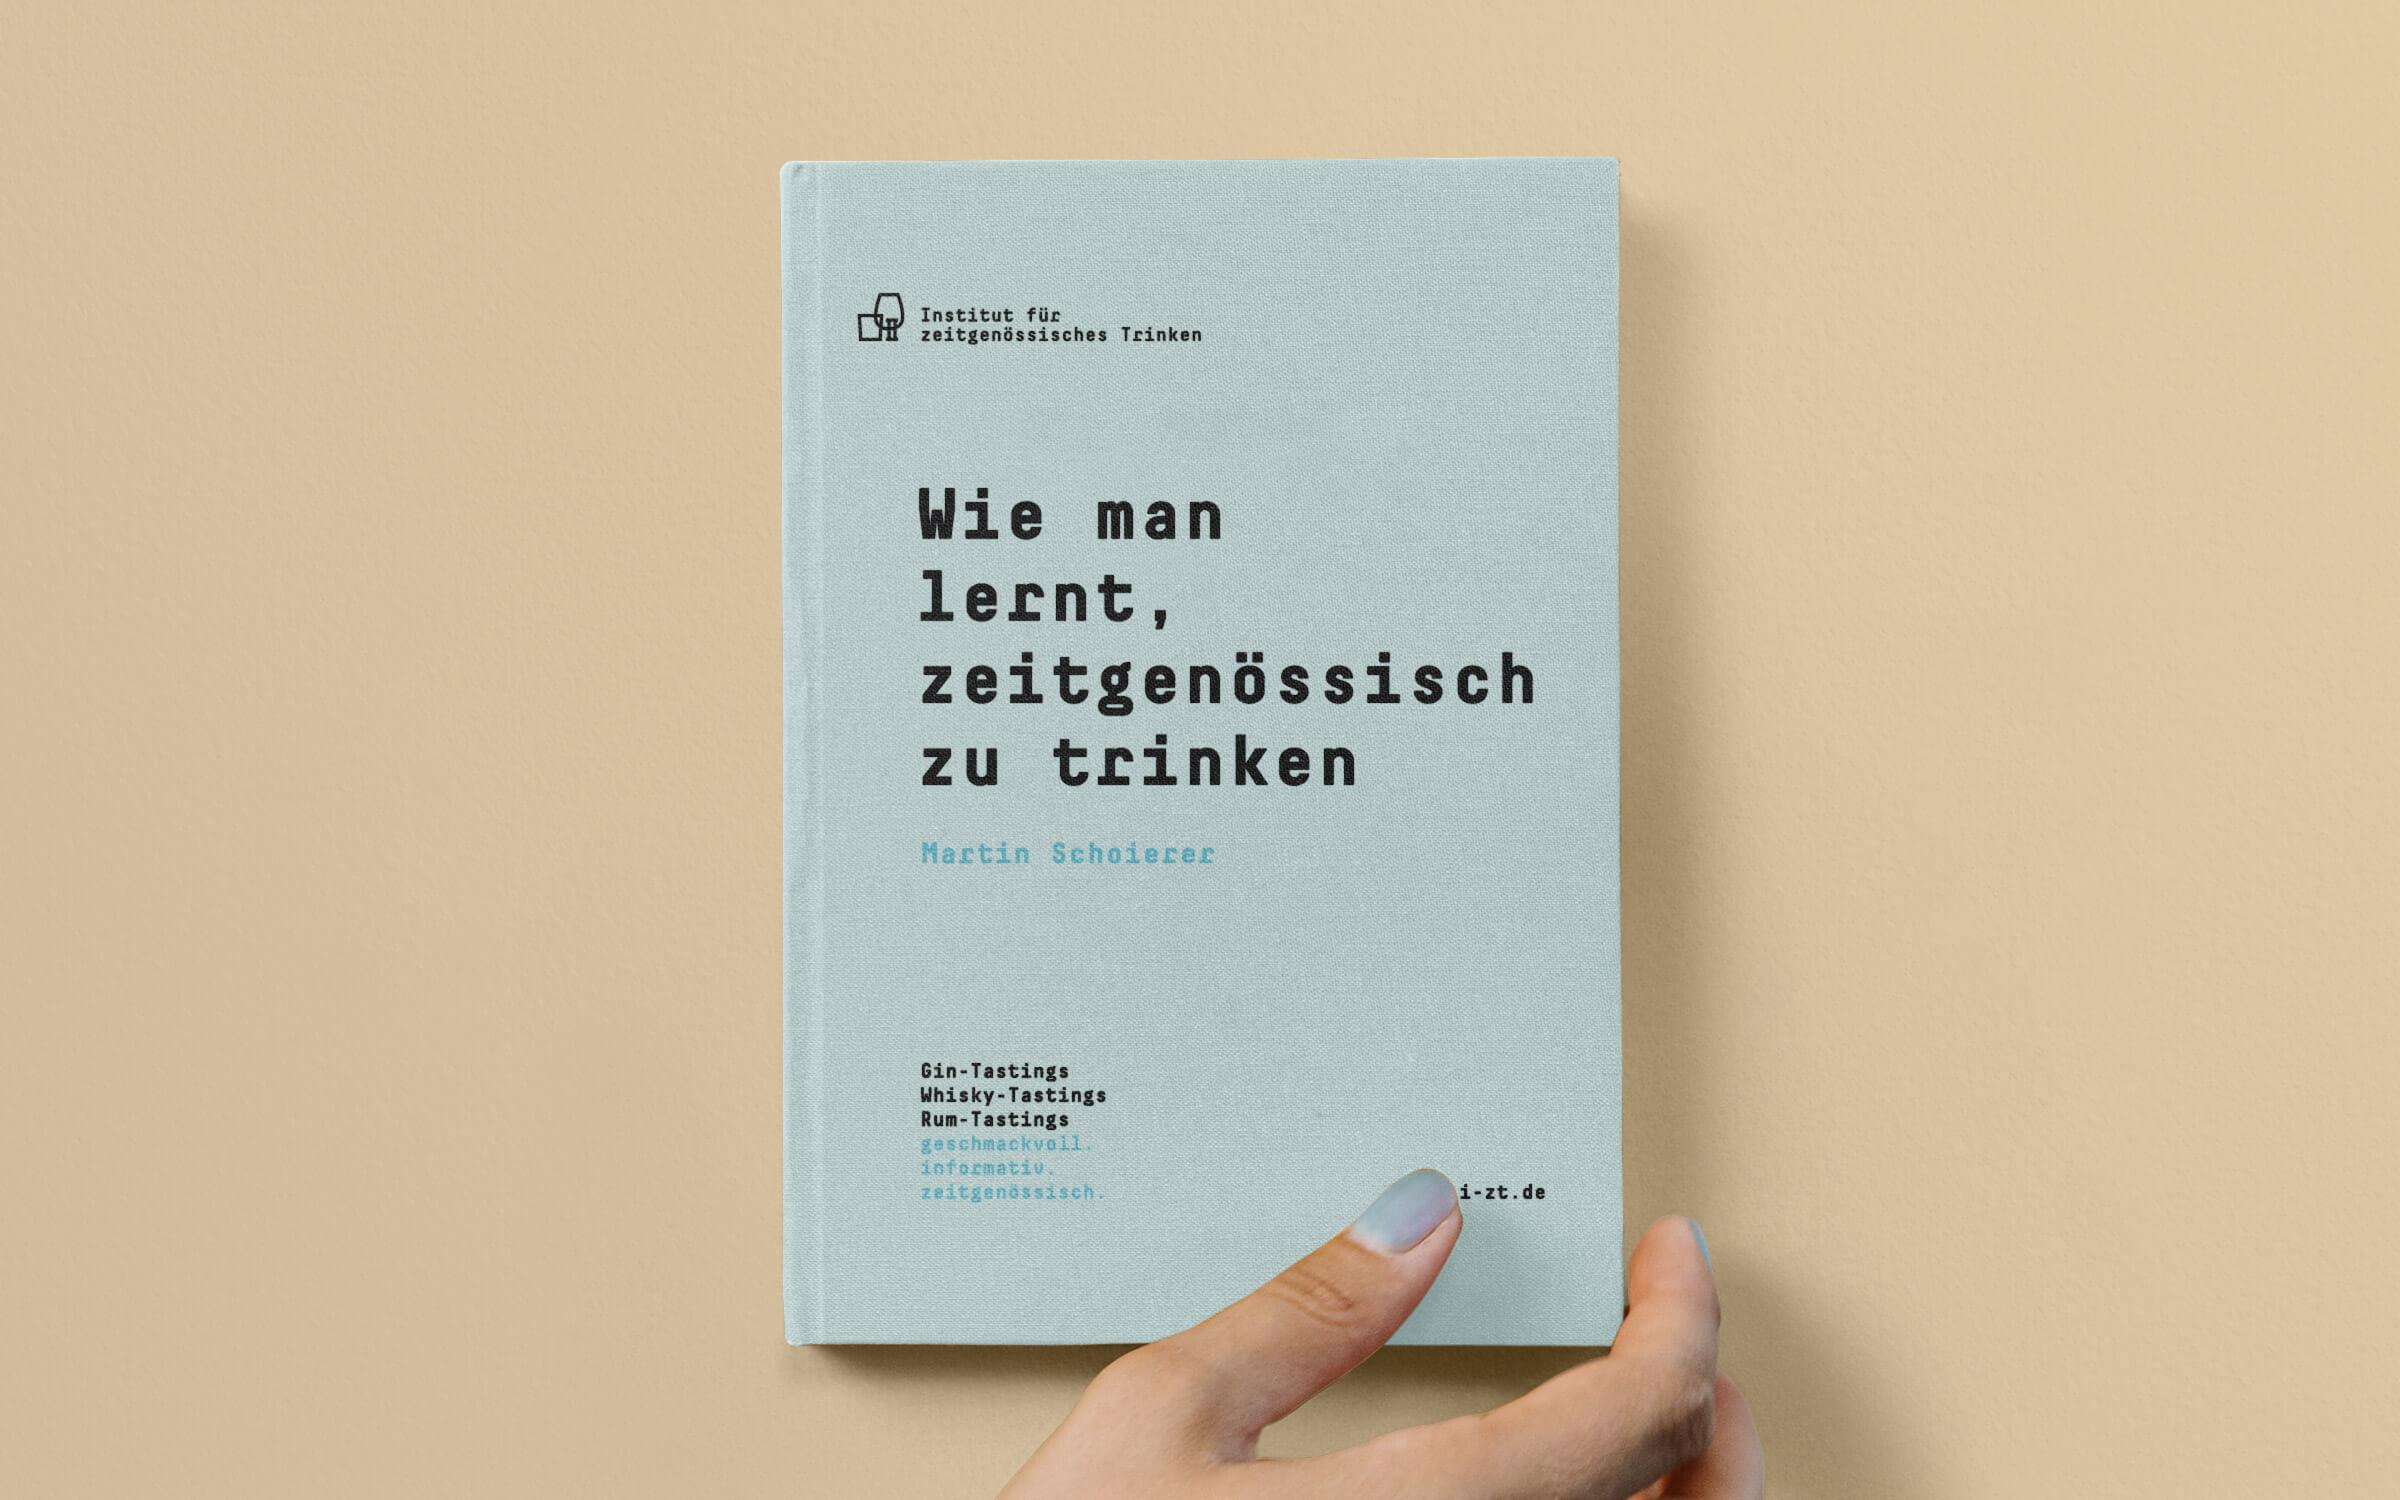 Institut für zeitgenössisches Trinken – Buch